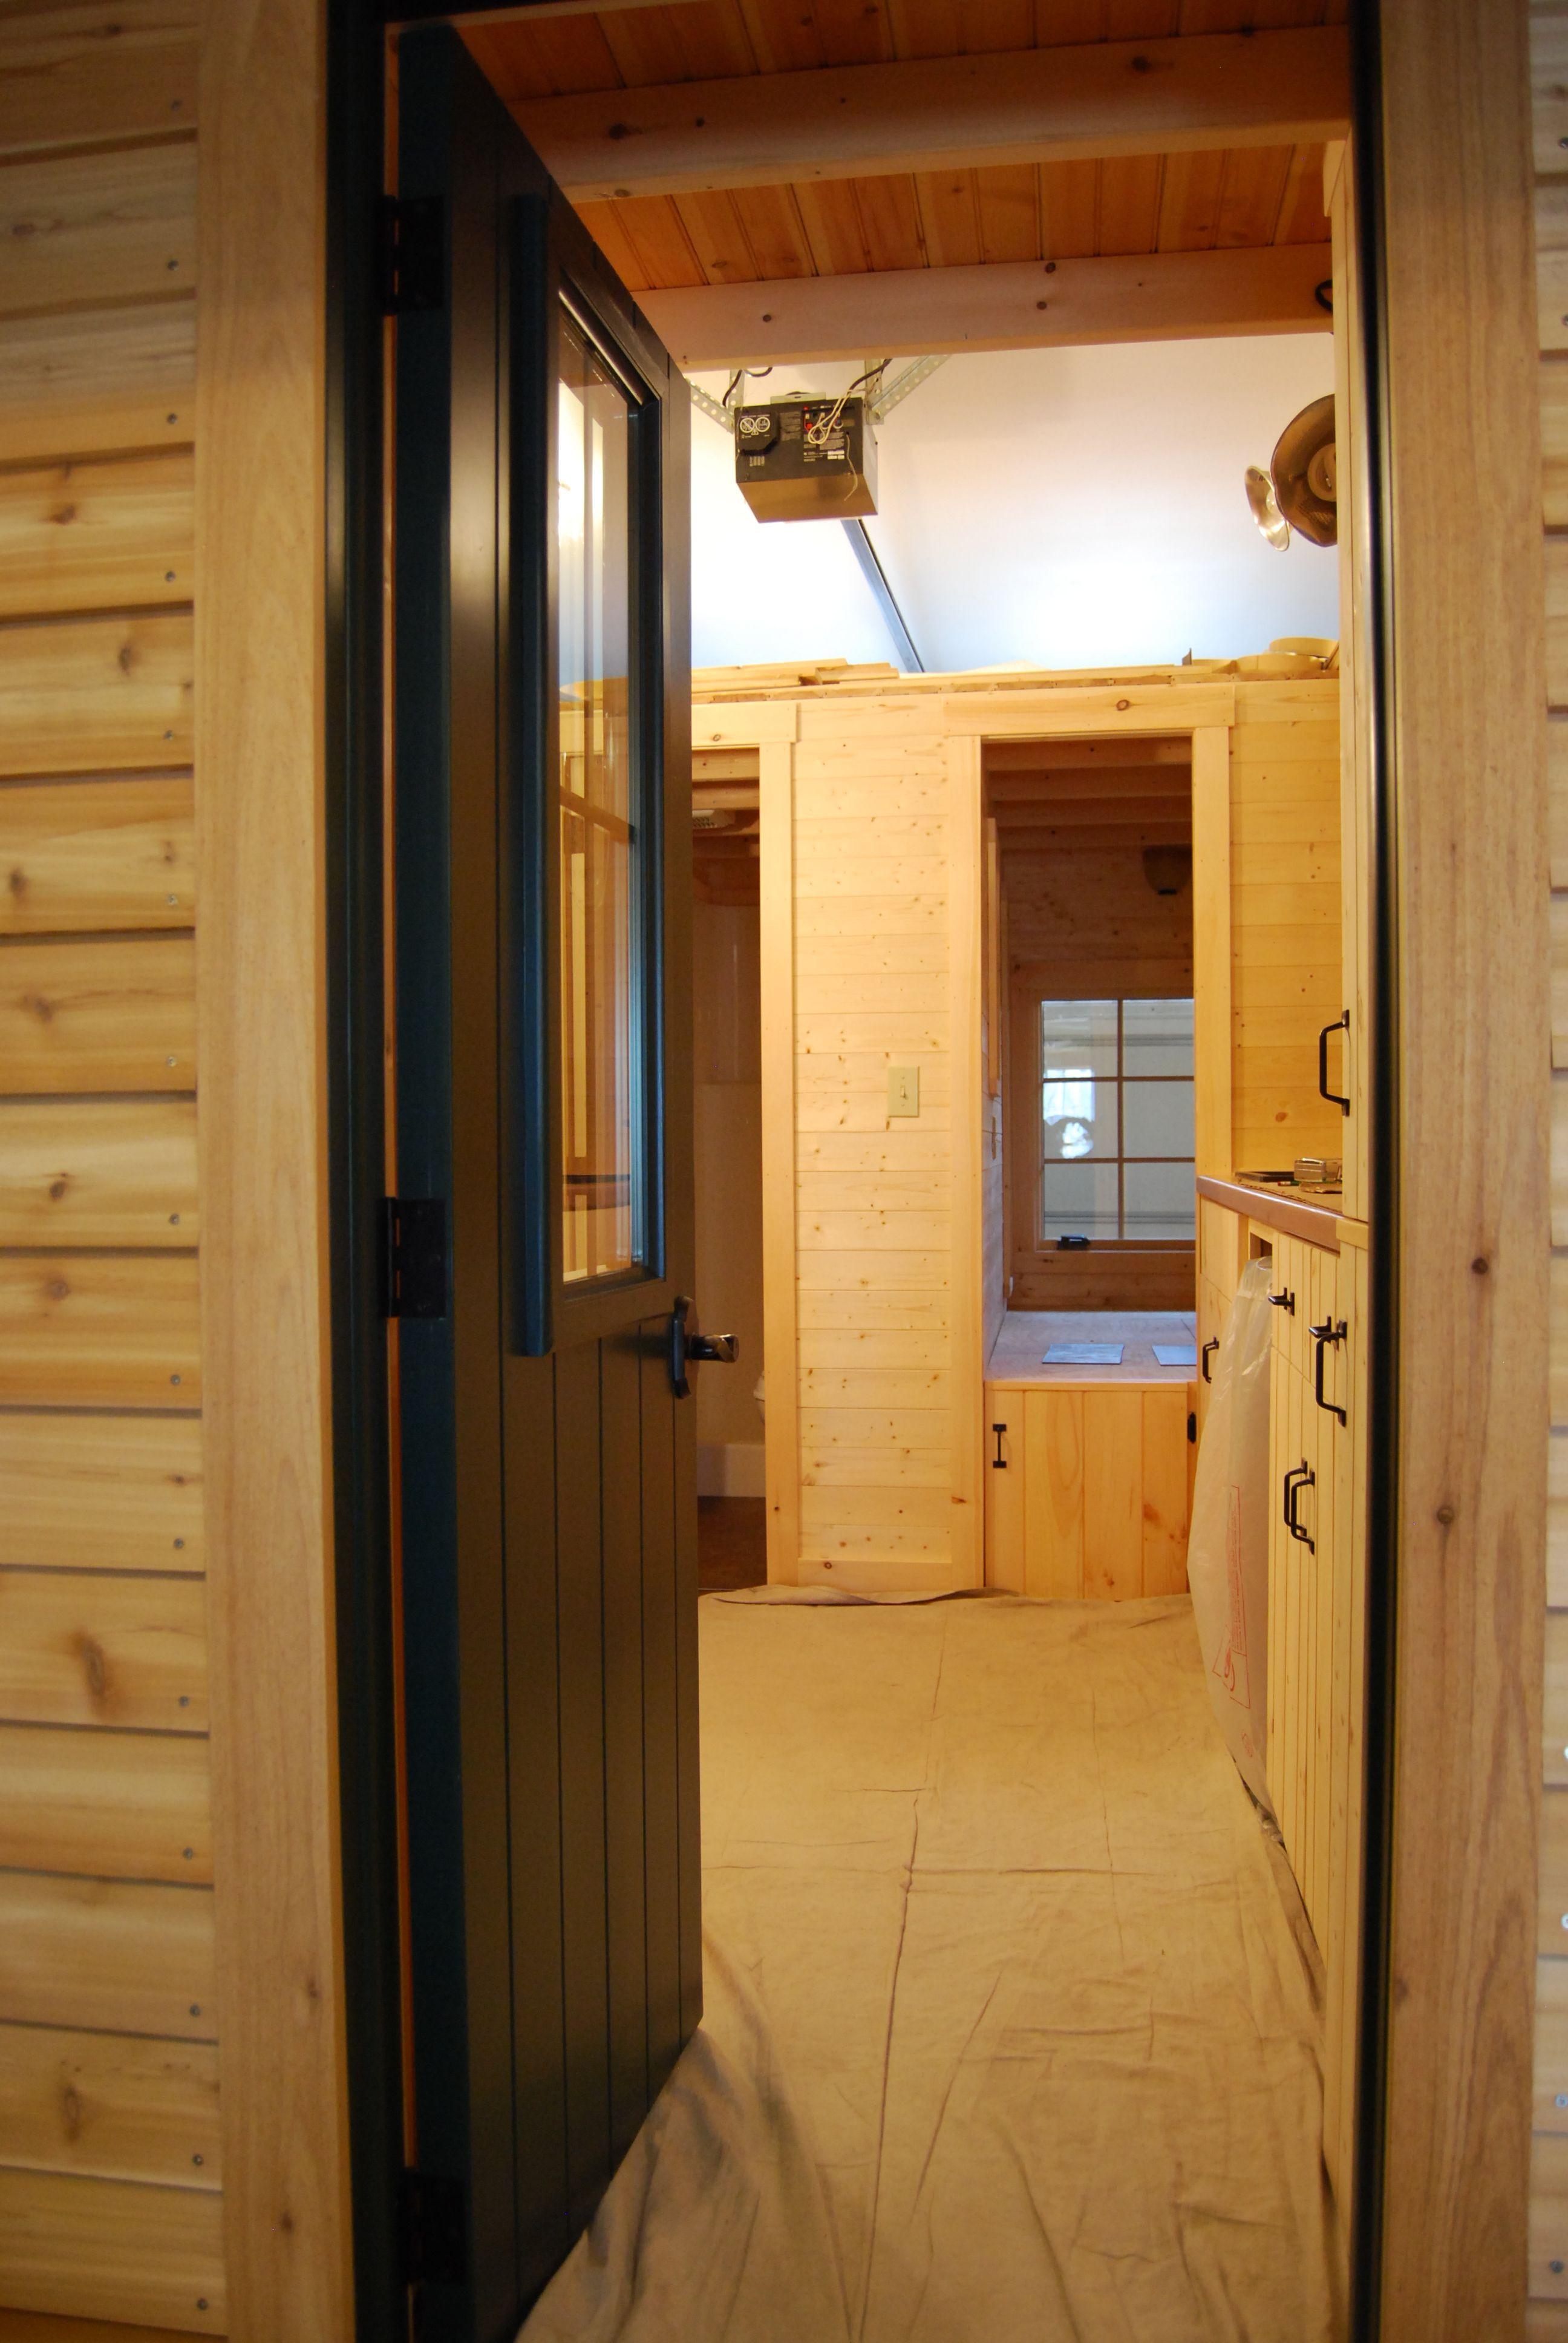 Entry door view